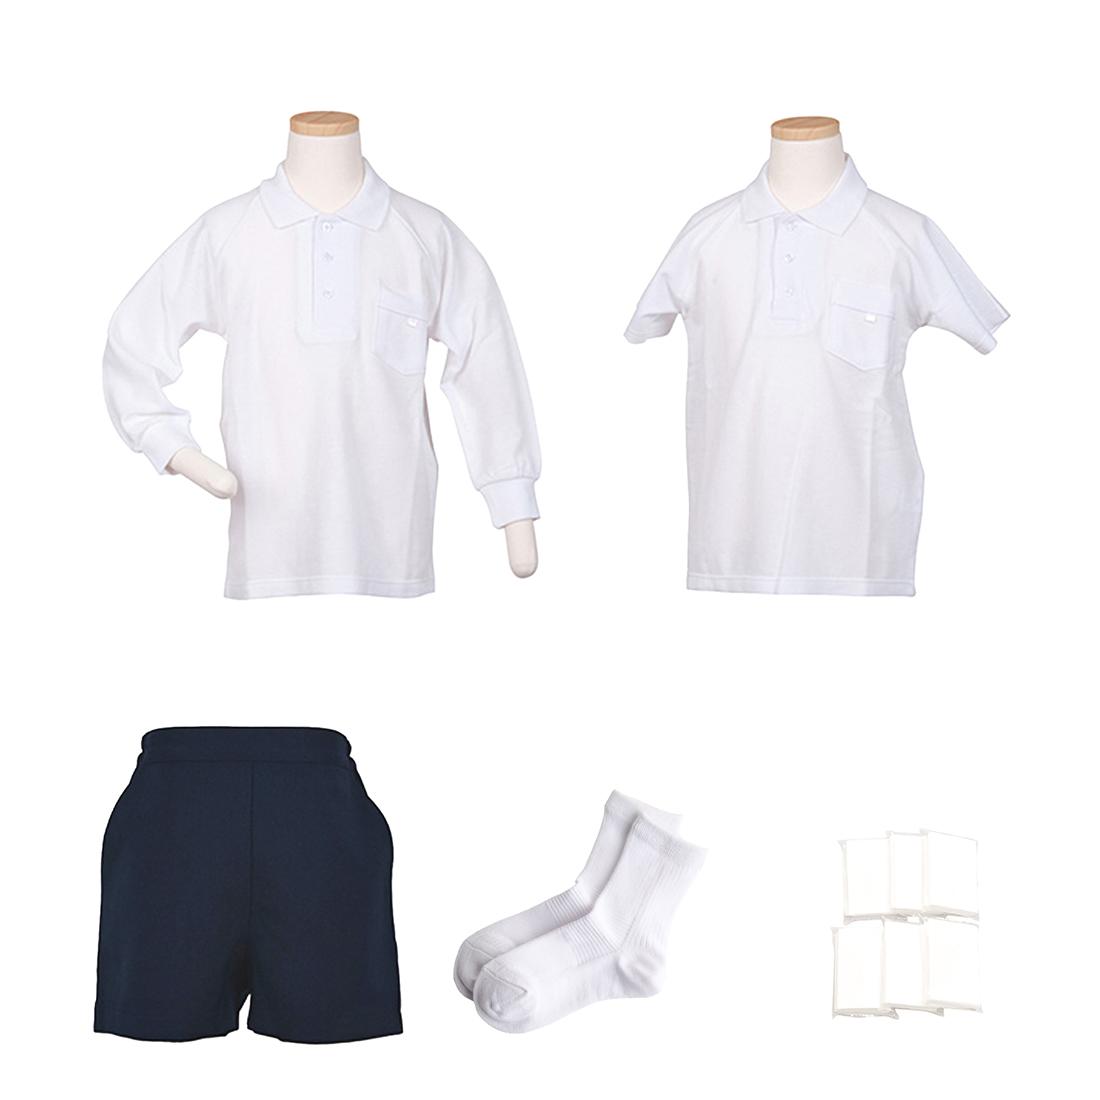 【幼稚園お受験用】これで完璧!男の子用お受験服セット